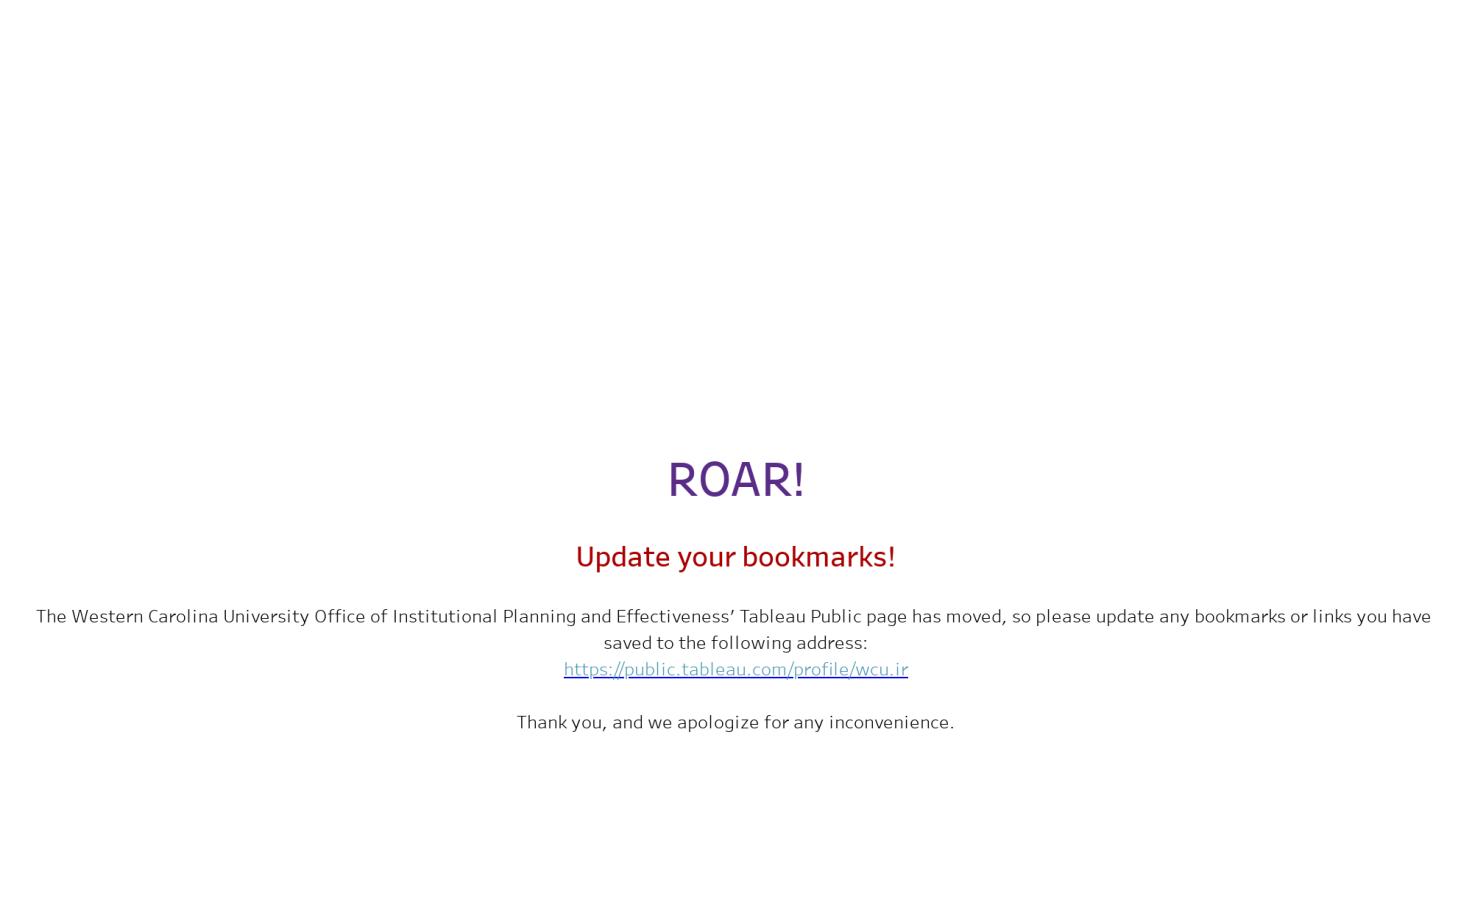 Roar We Moved Tableau Public